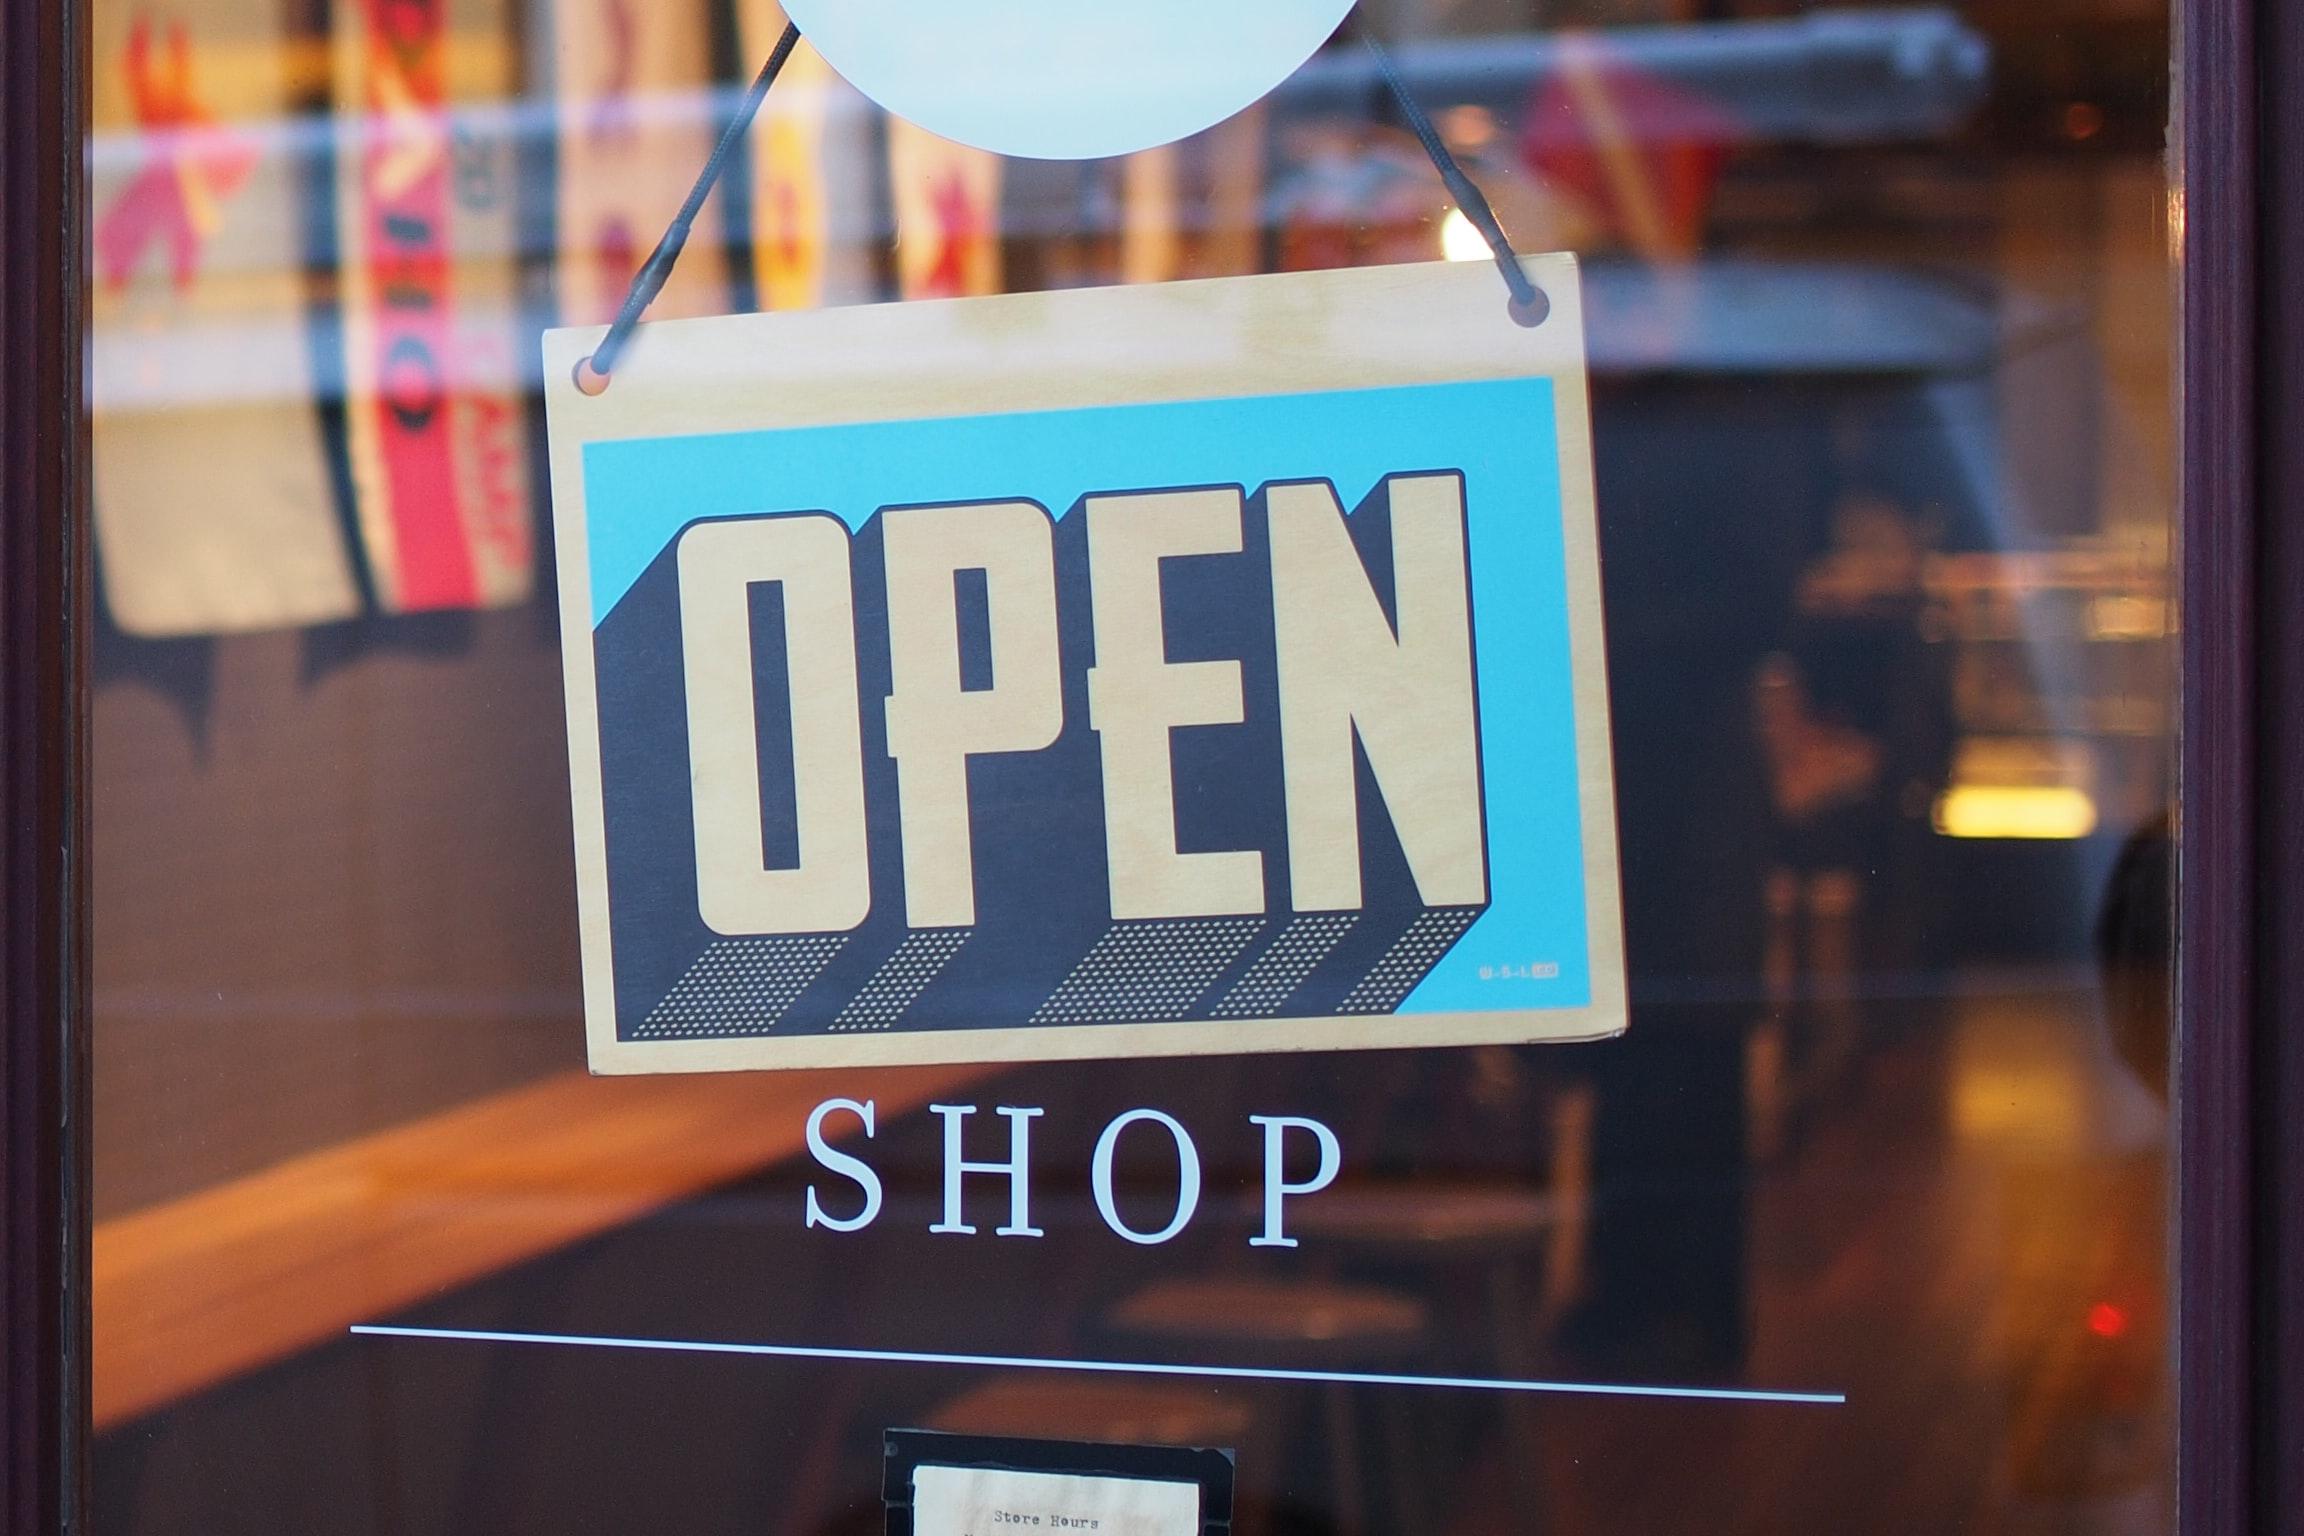 Gagner de l'argent en sur internet avec une boutique en ligne Shopify ou Dropizi